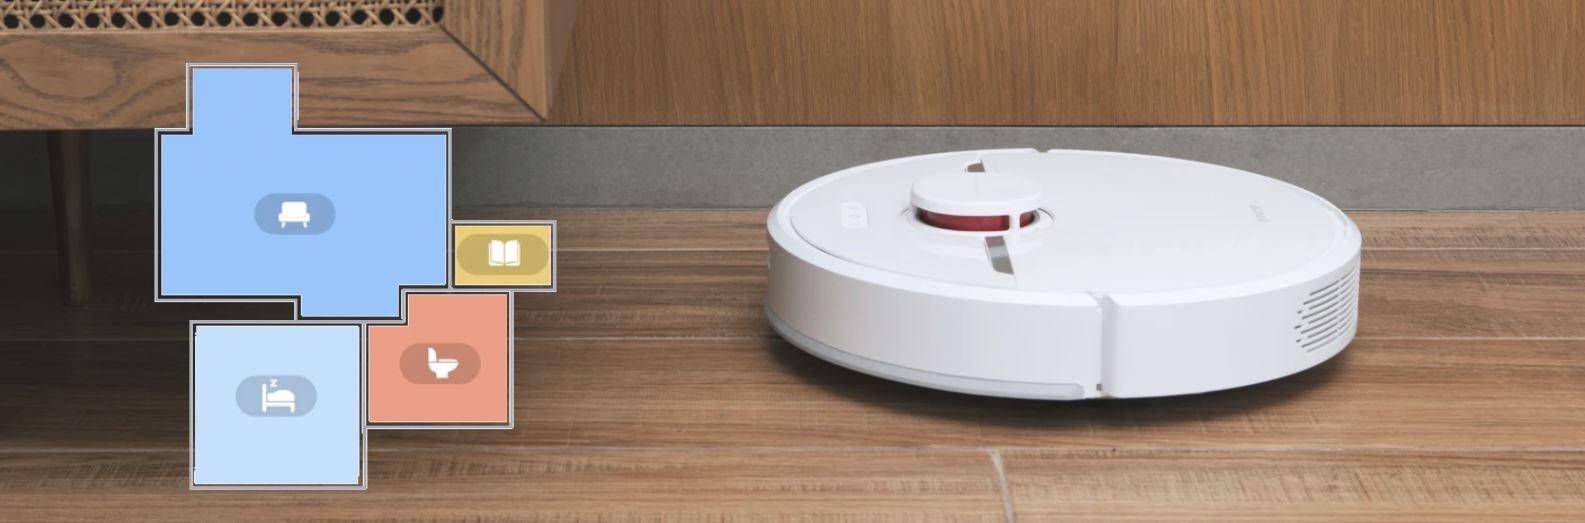 Dreame D9 - robot sprzątający - podział na pokoje